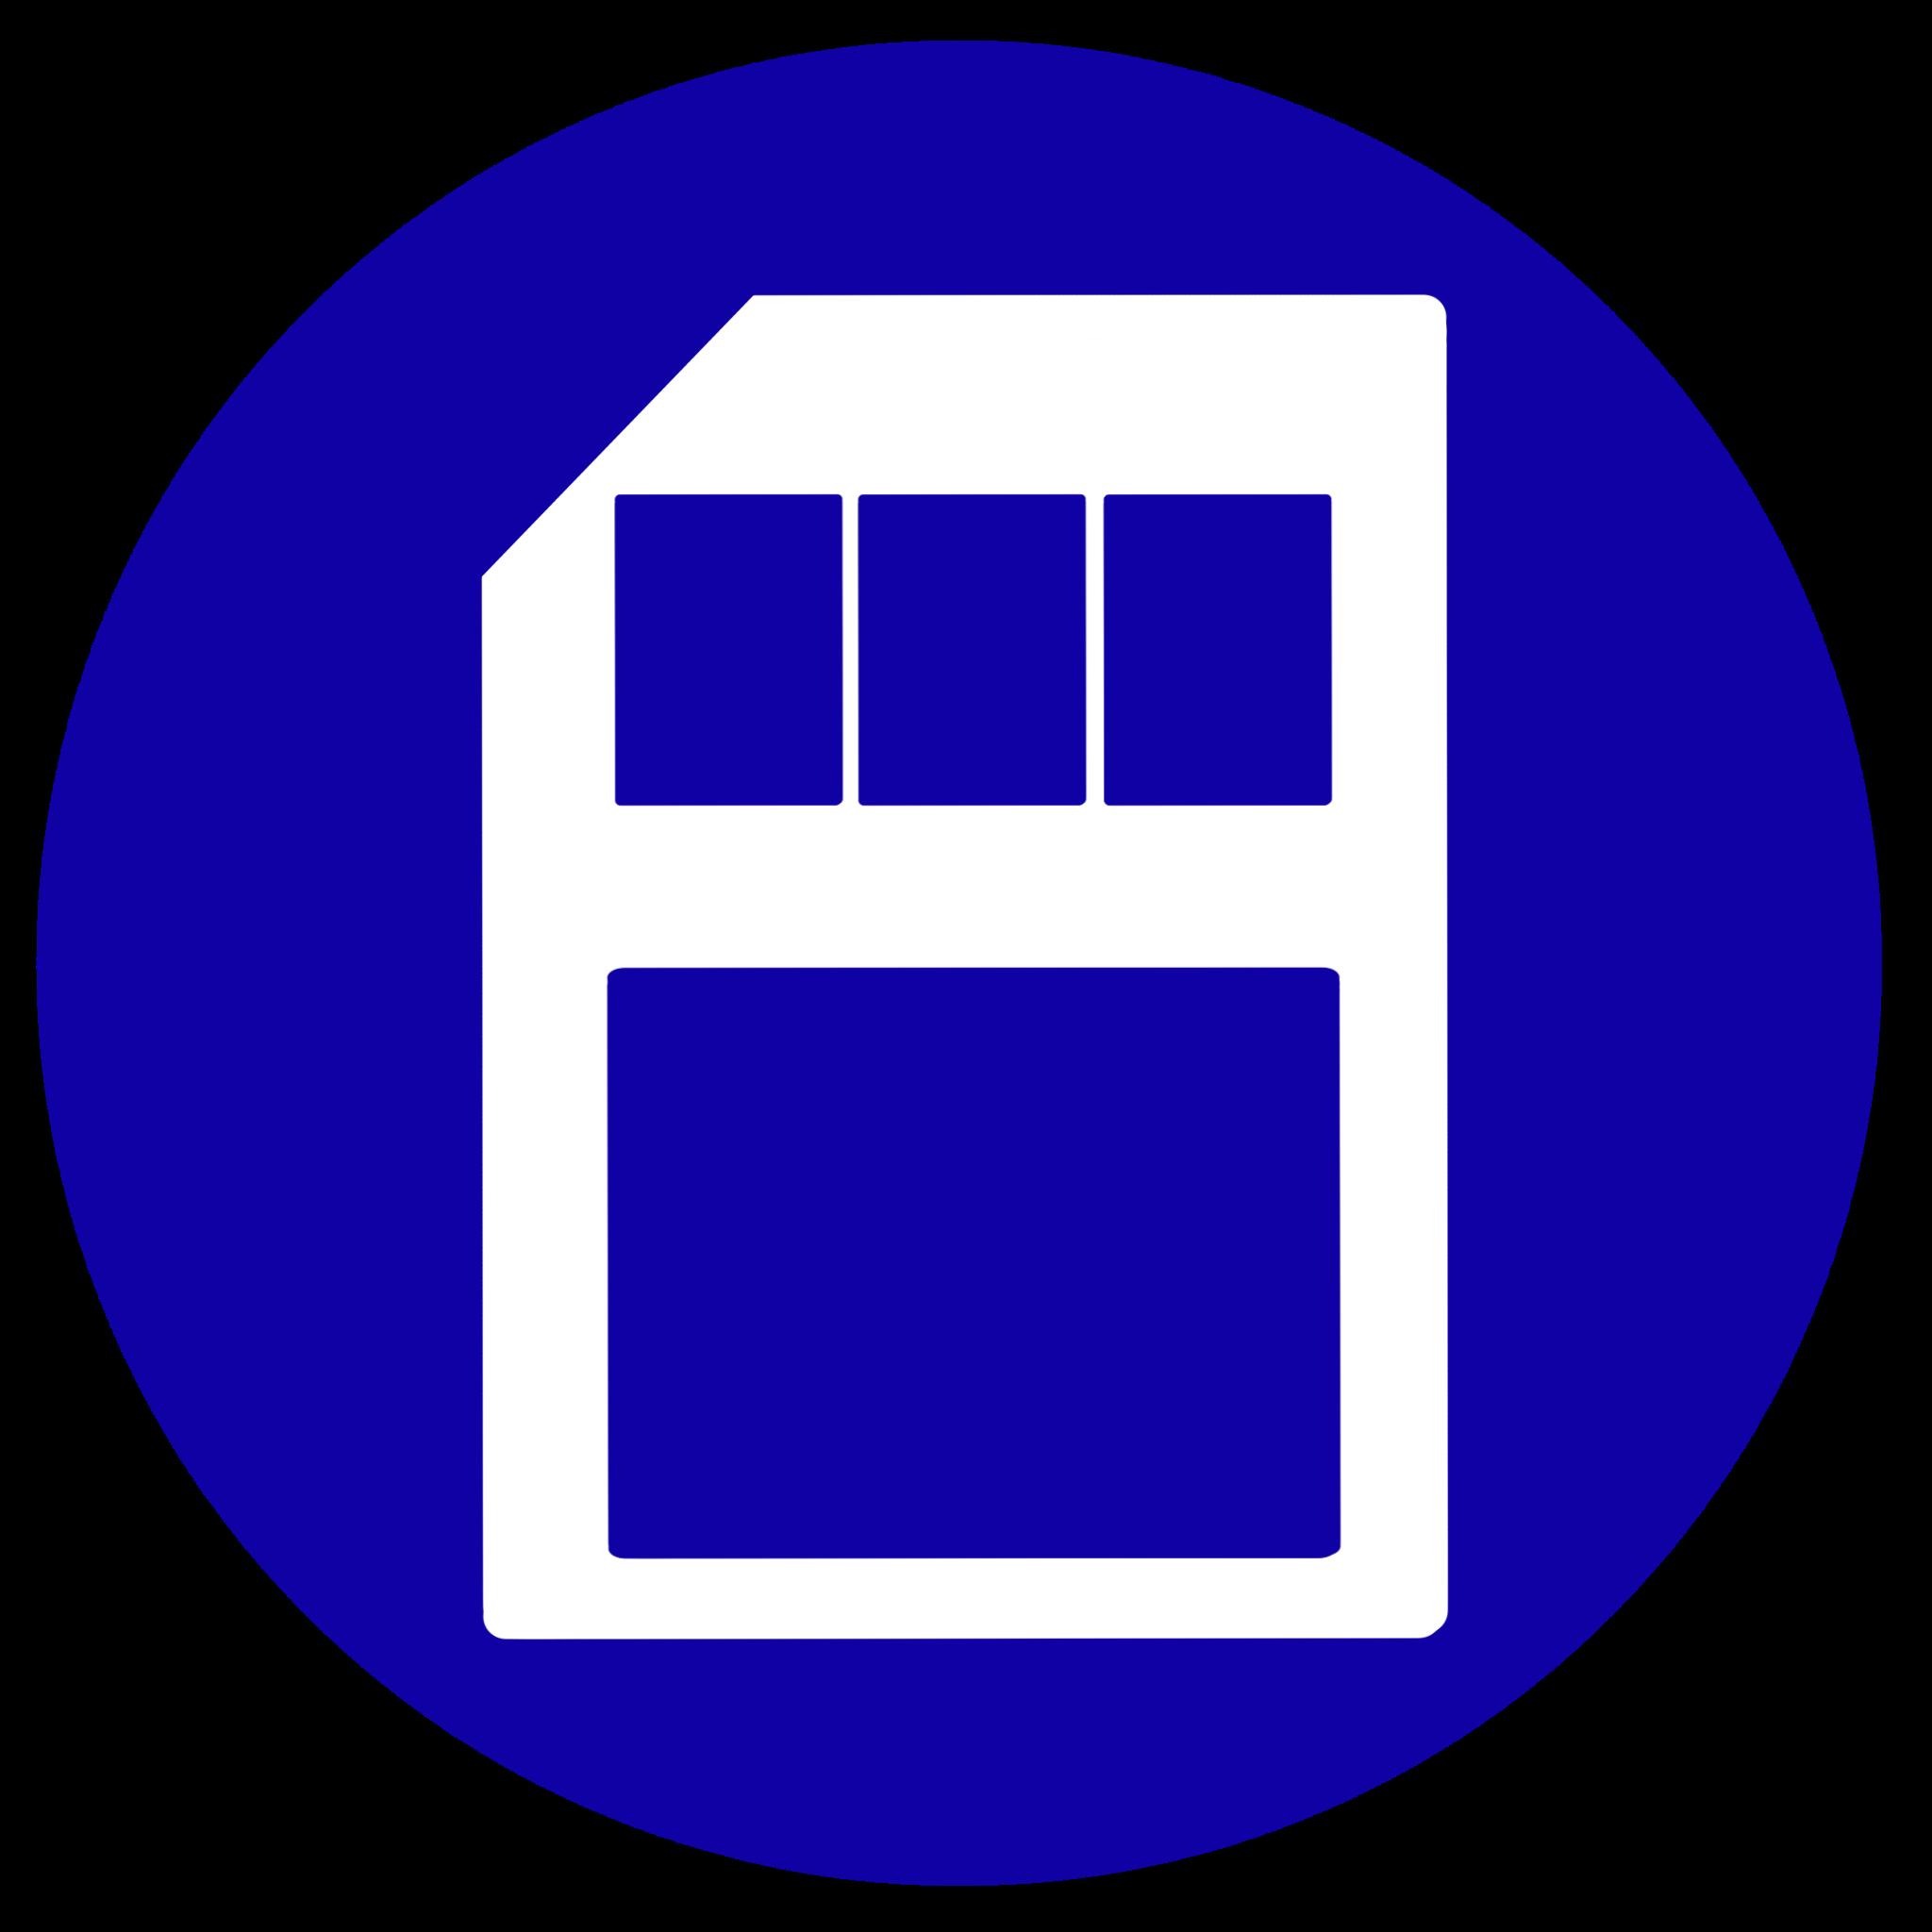 Icono representando la normalización de datos